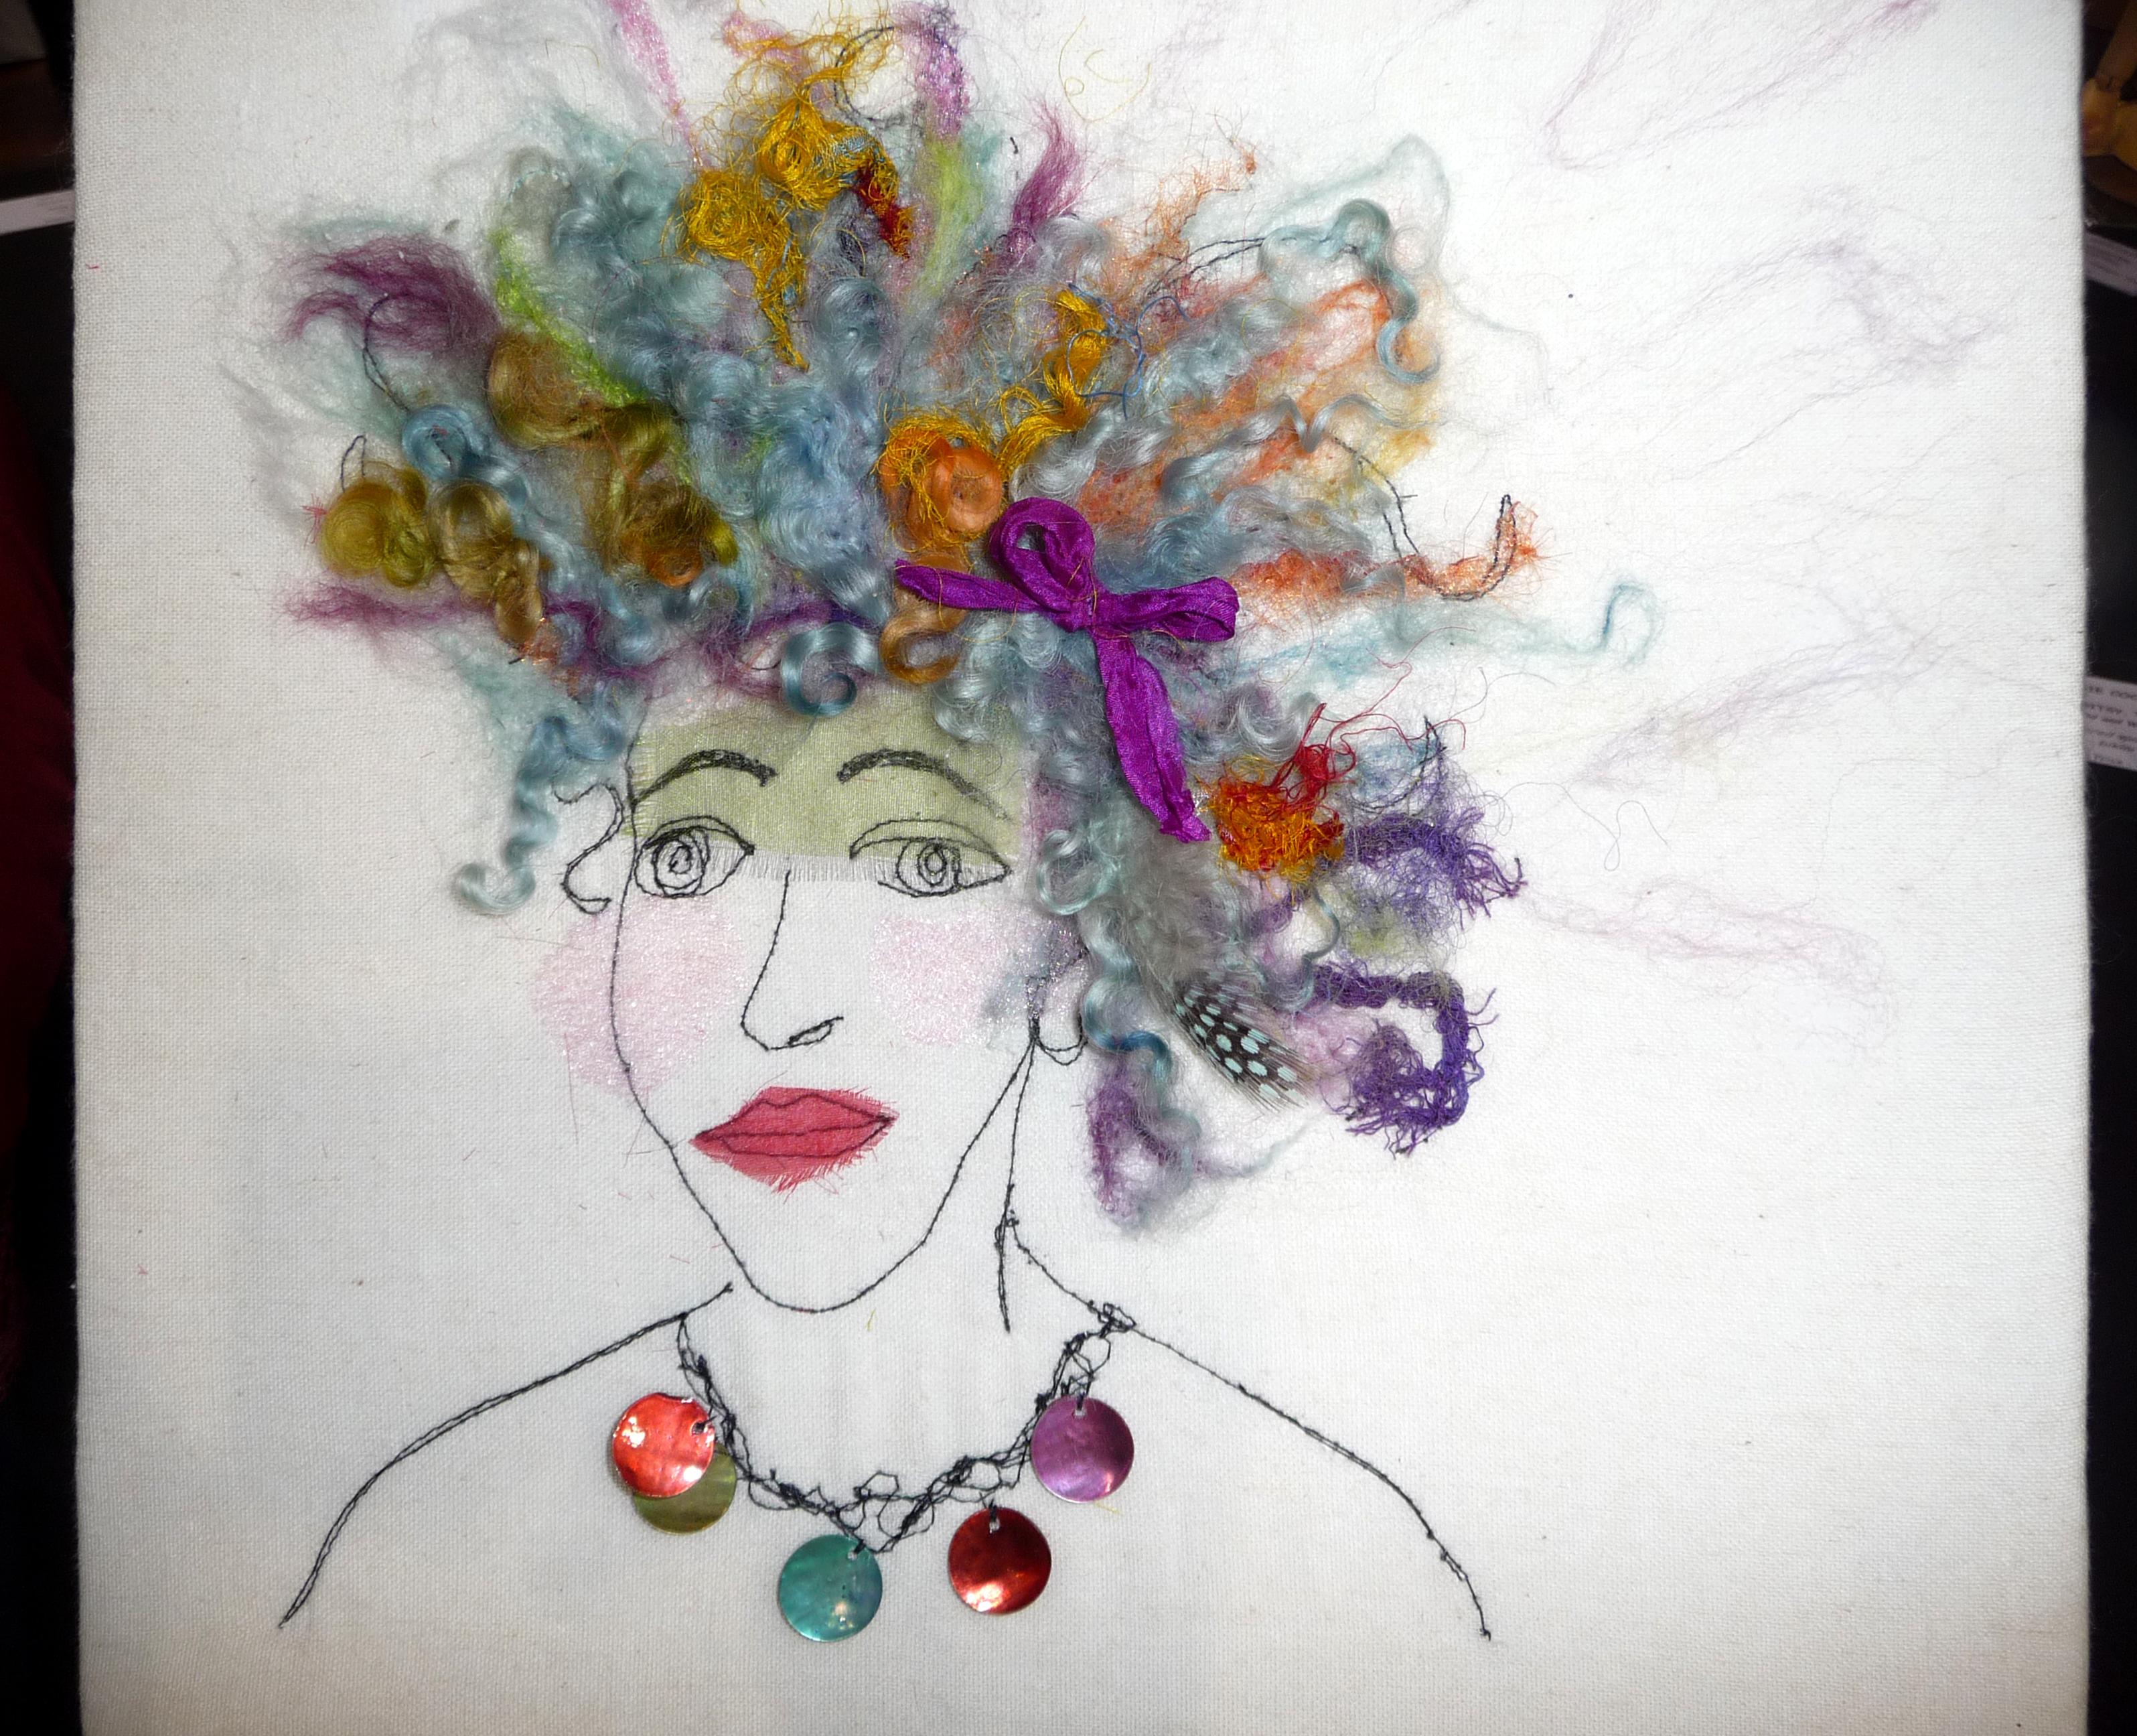 HAIR RAISING, Wild & Wacky, by Marilyn Smith, mixed media